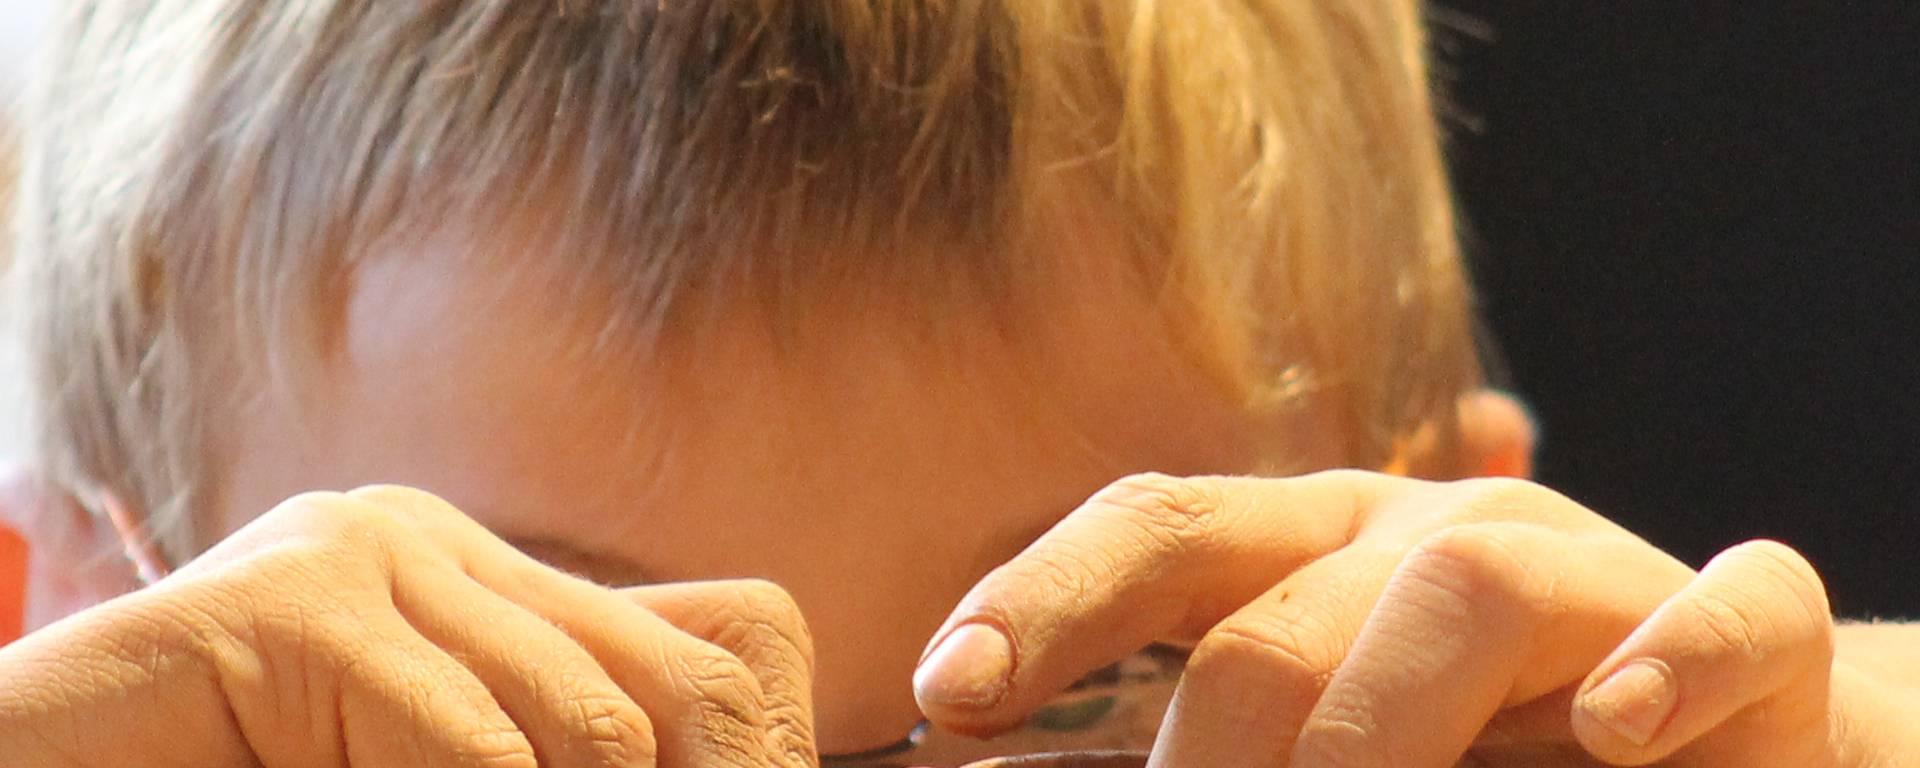 Atelier Poterie Office de Tourisme de Chalon sur Saône